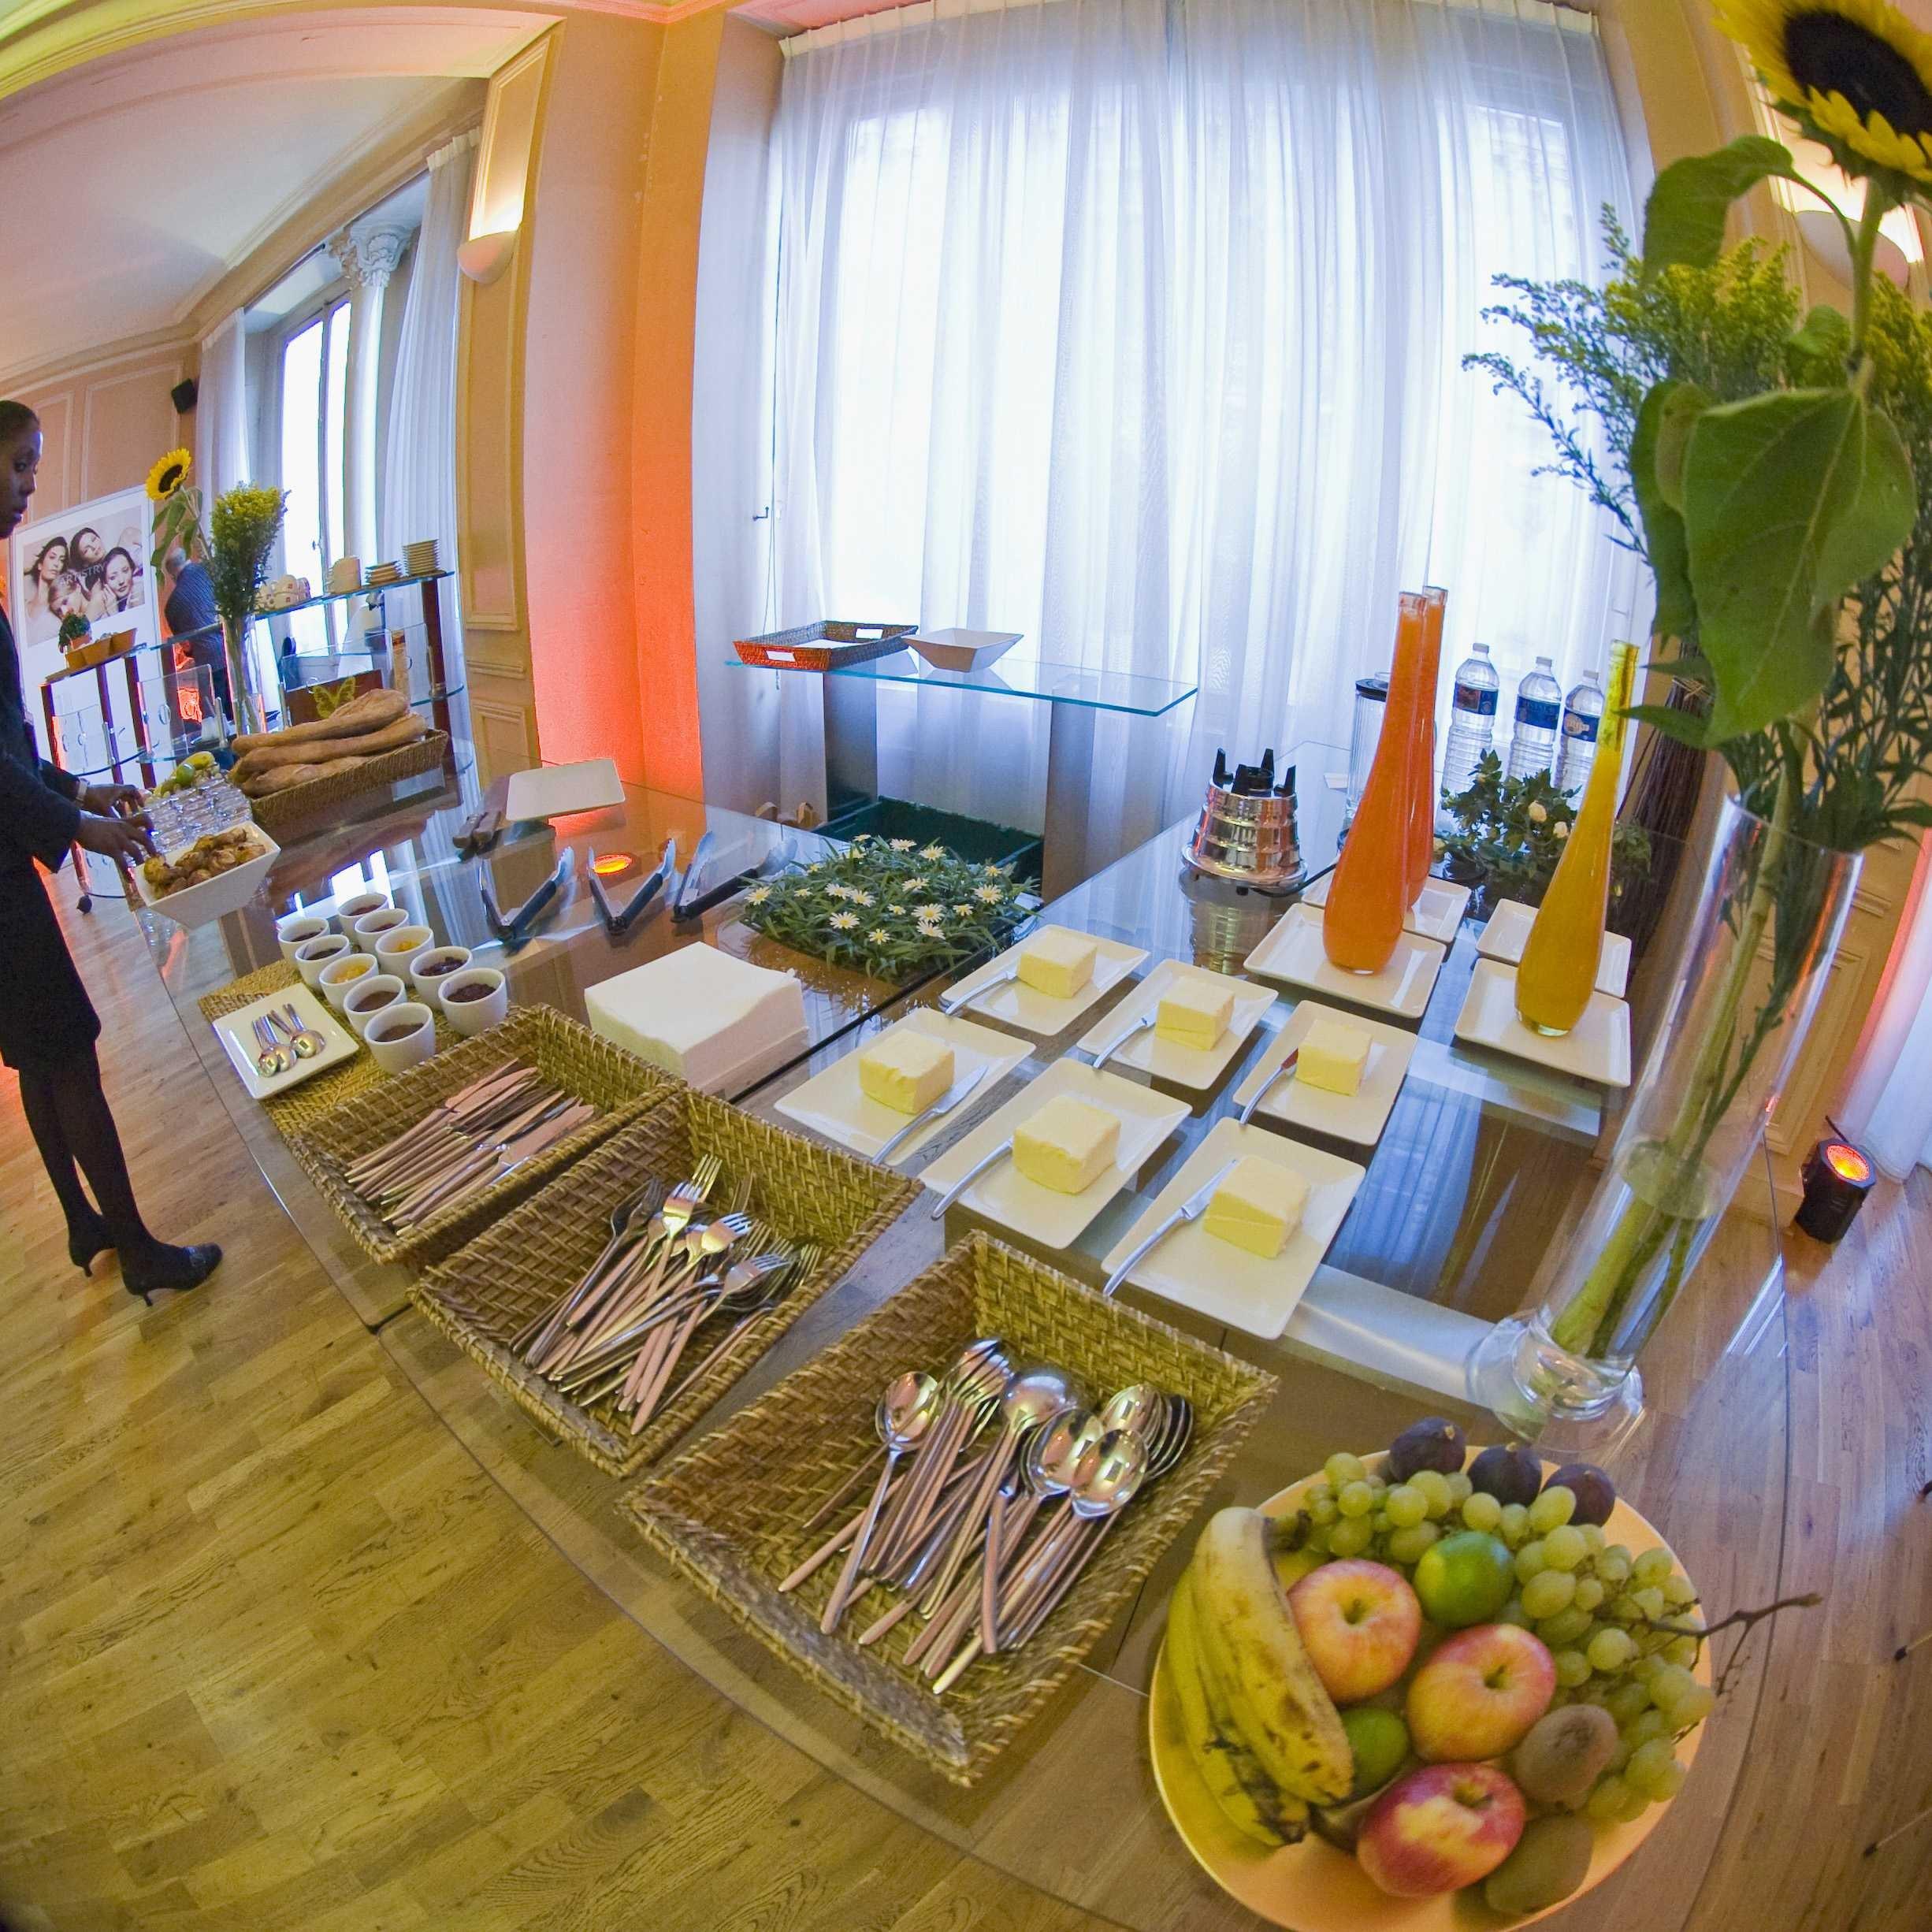 Red Carpet - 1 lounge